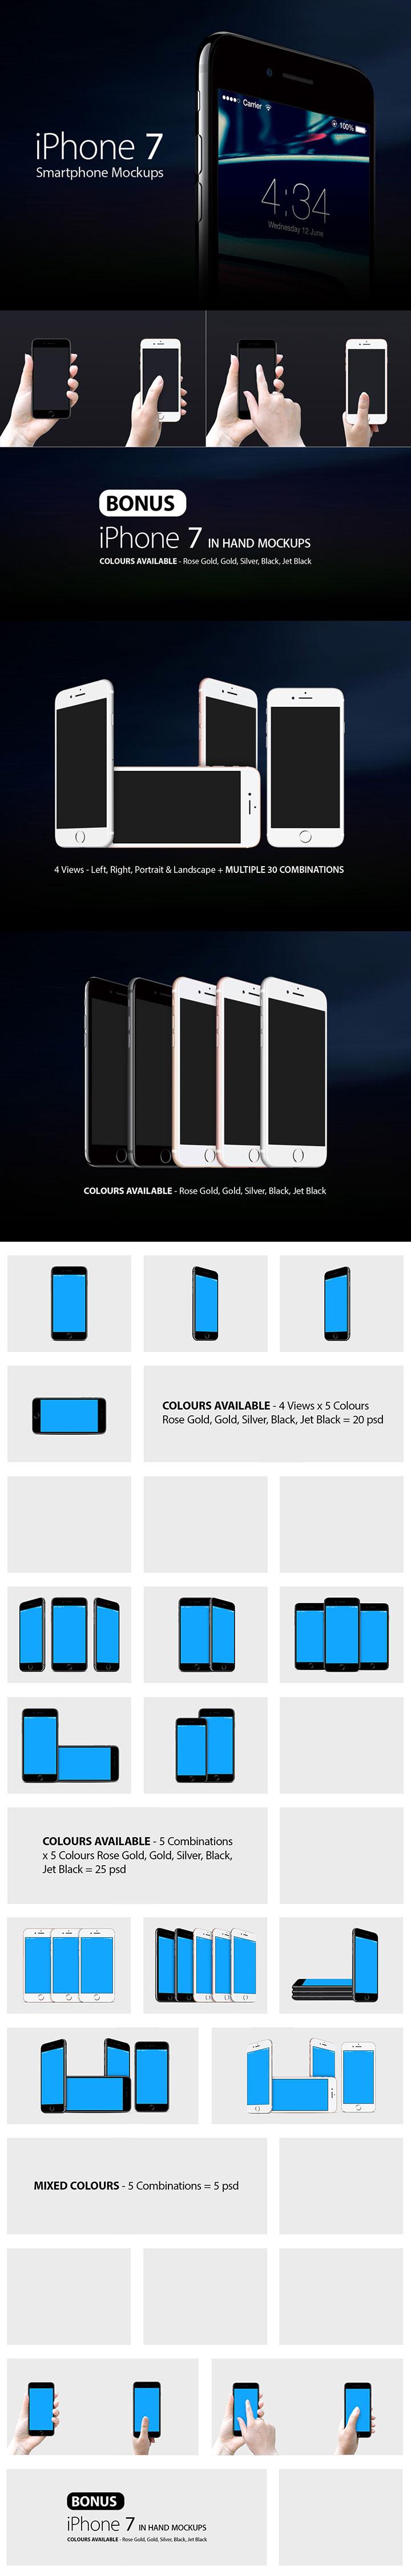 完美的手持iPhone7展示模型Mockups下载[PSD]